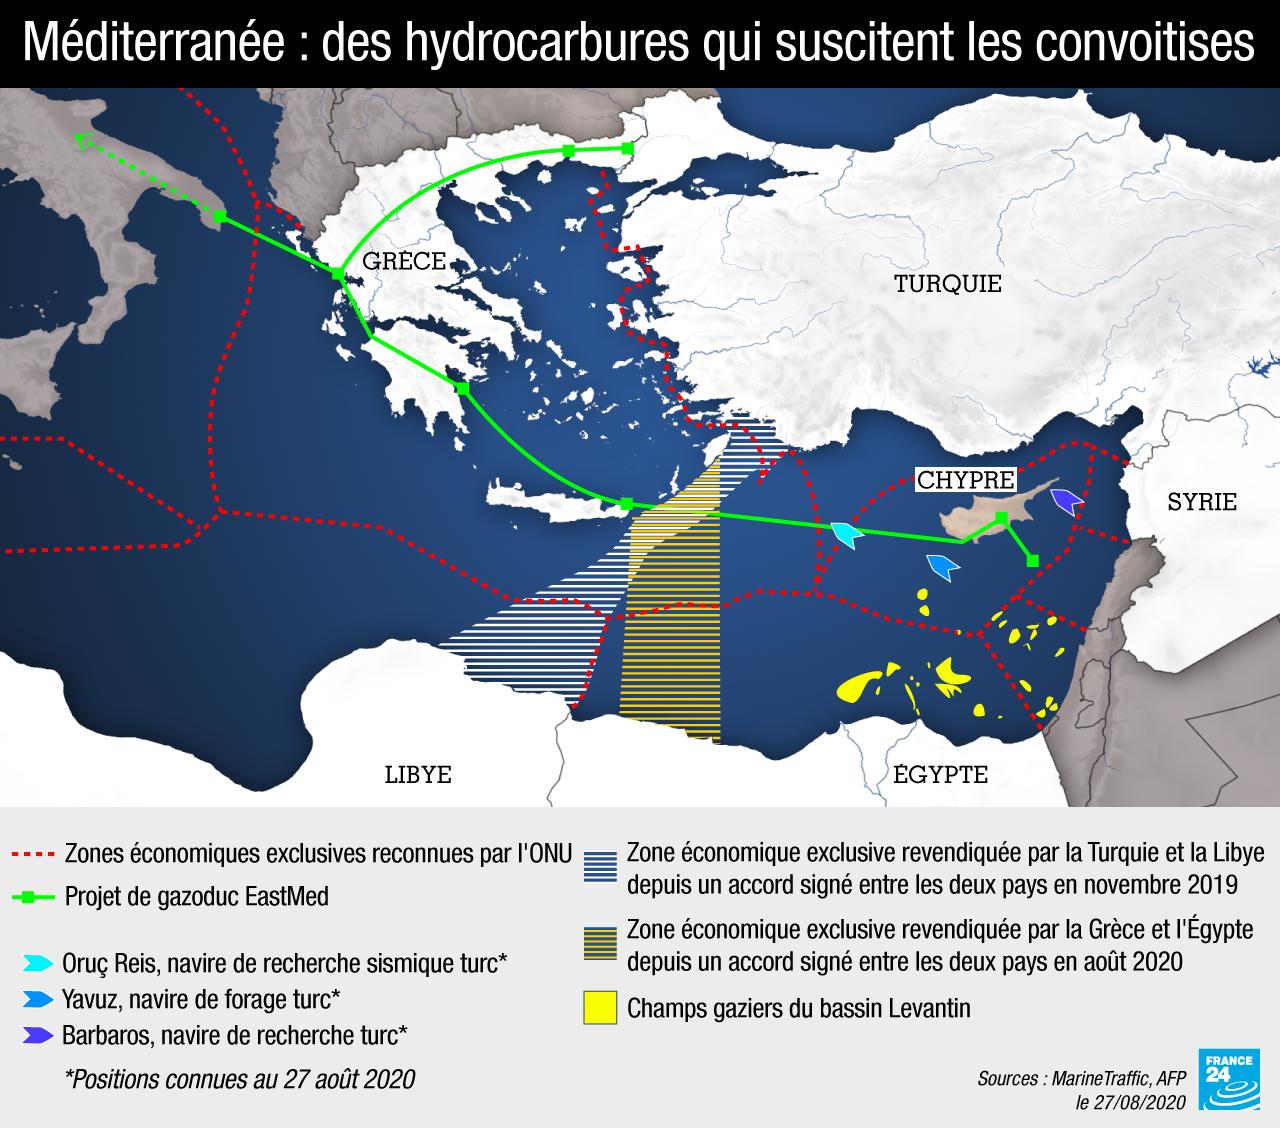 Méditerranée : des hydrocarbures qui suscitent les convoitises